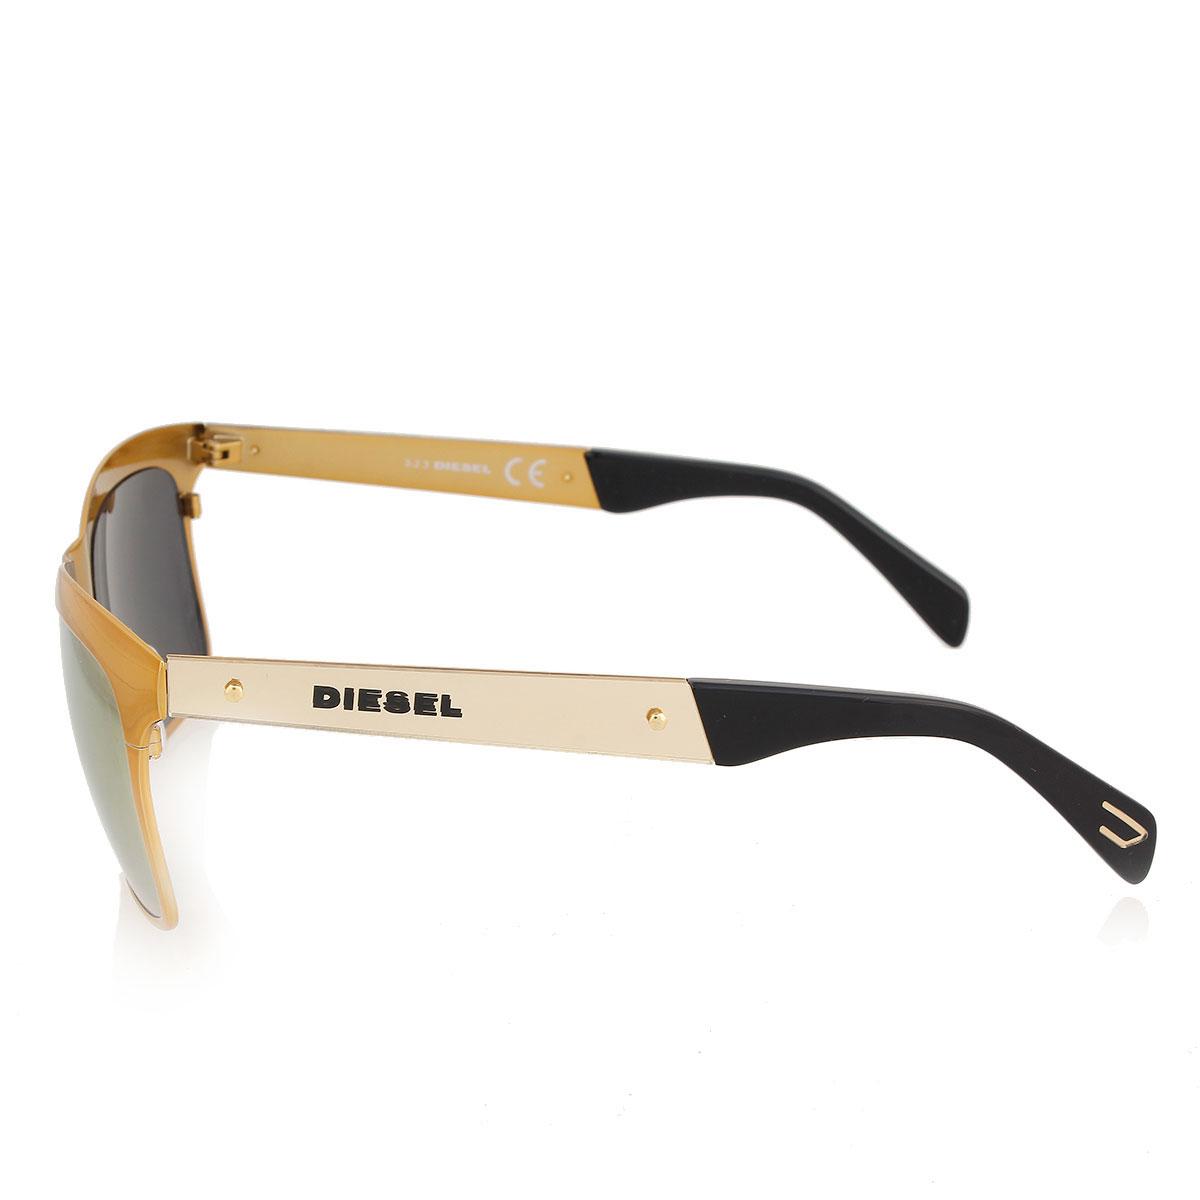 Diesel unisex occhiali da sole con lenti a specchio spence outlet - Occhiali con lenti a specchio colorate ...